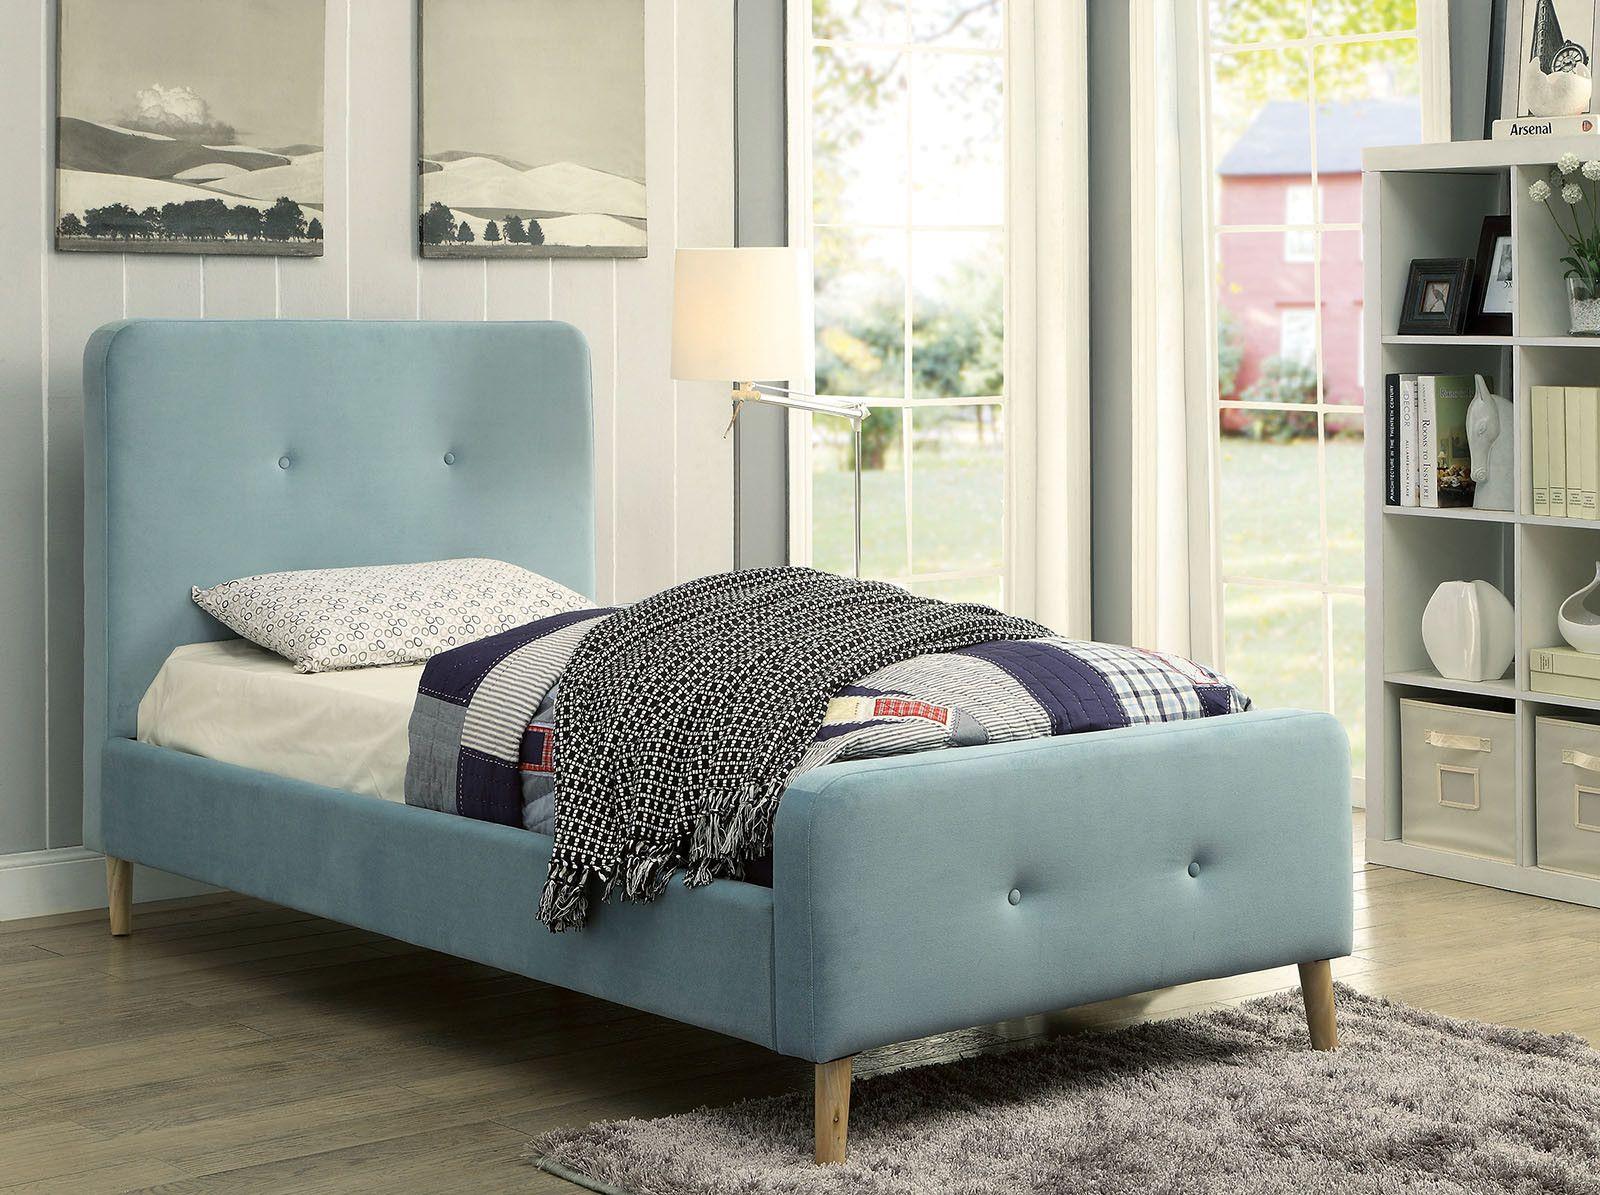 betty upholstered platform bed upholstered platform bed platform